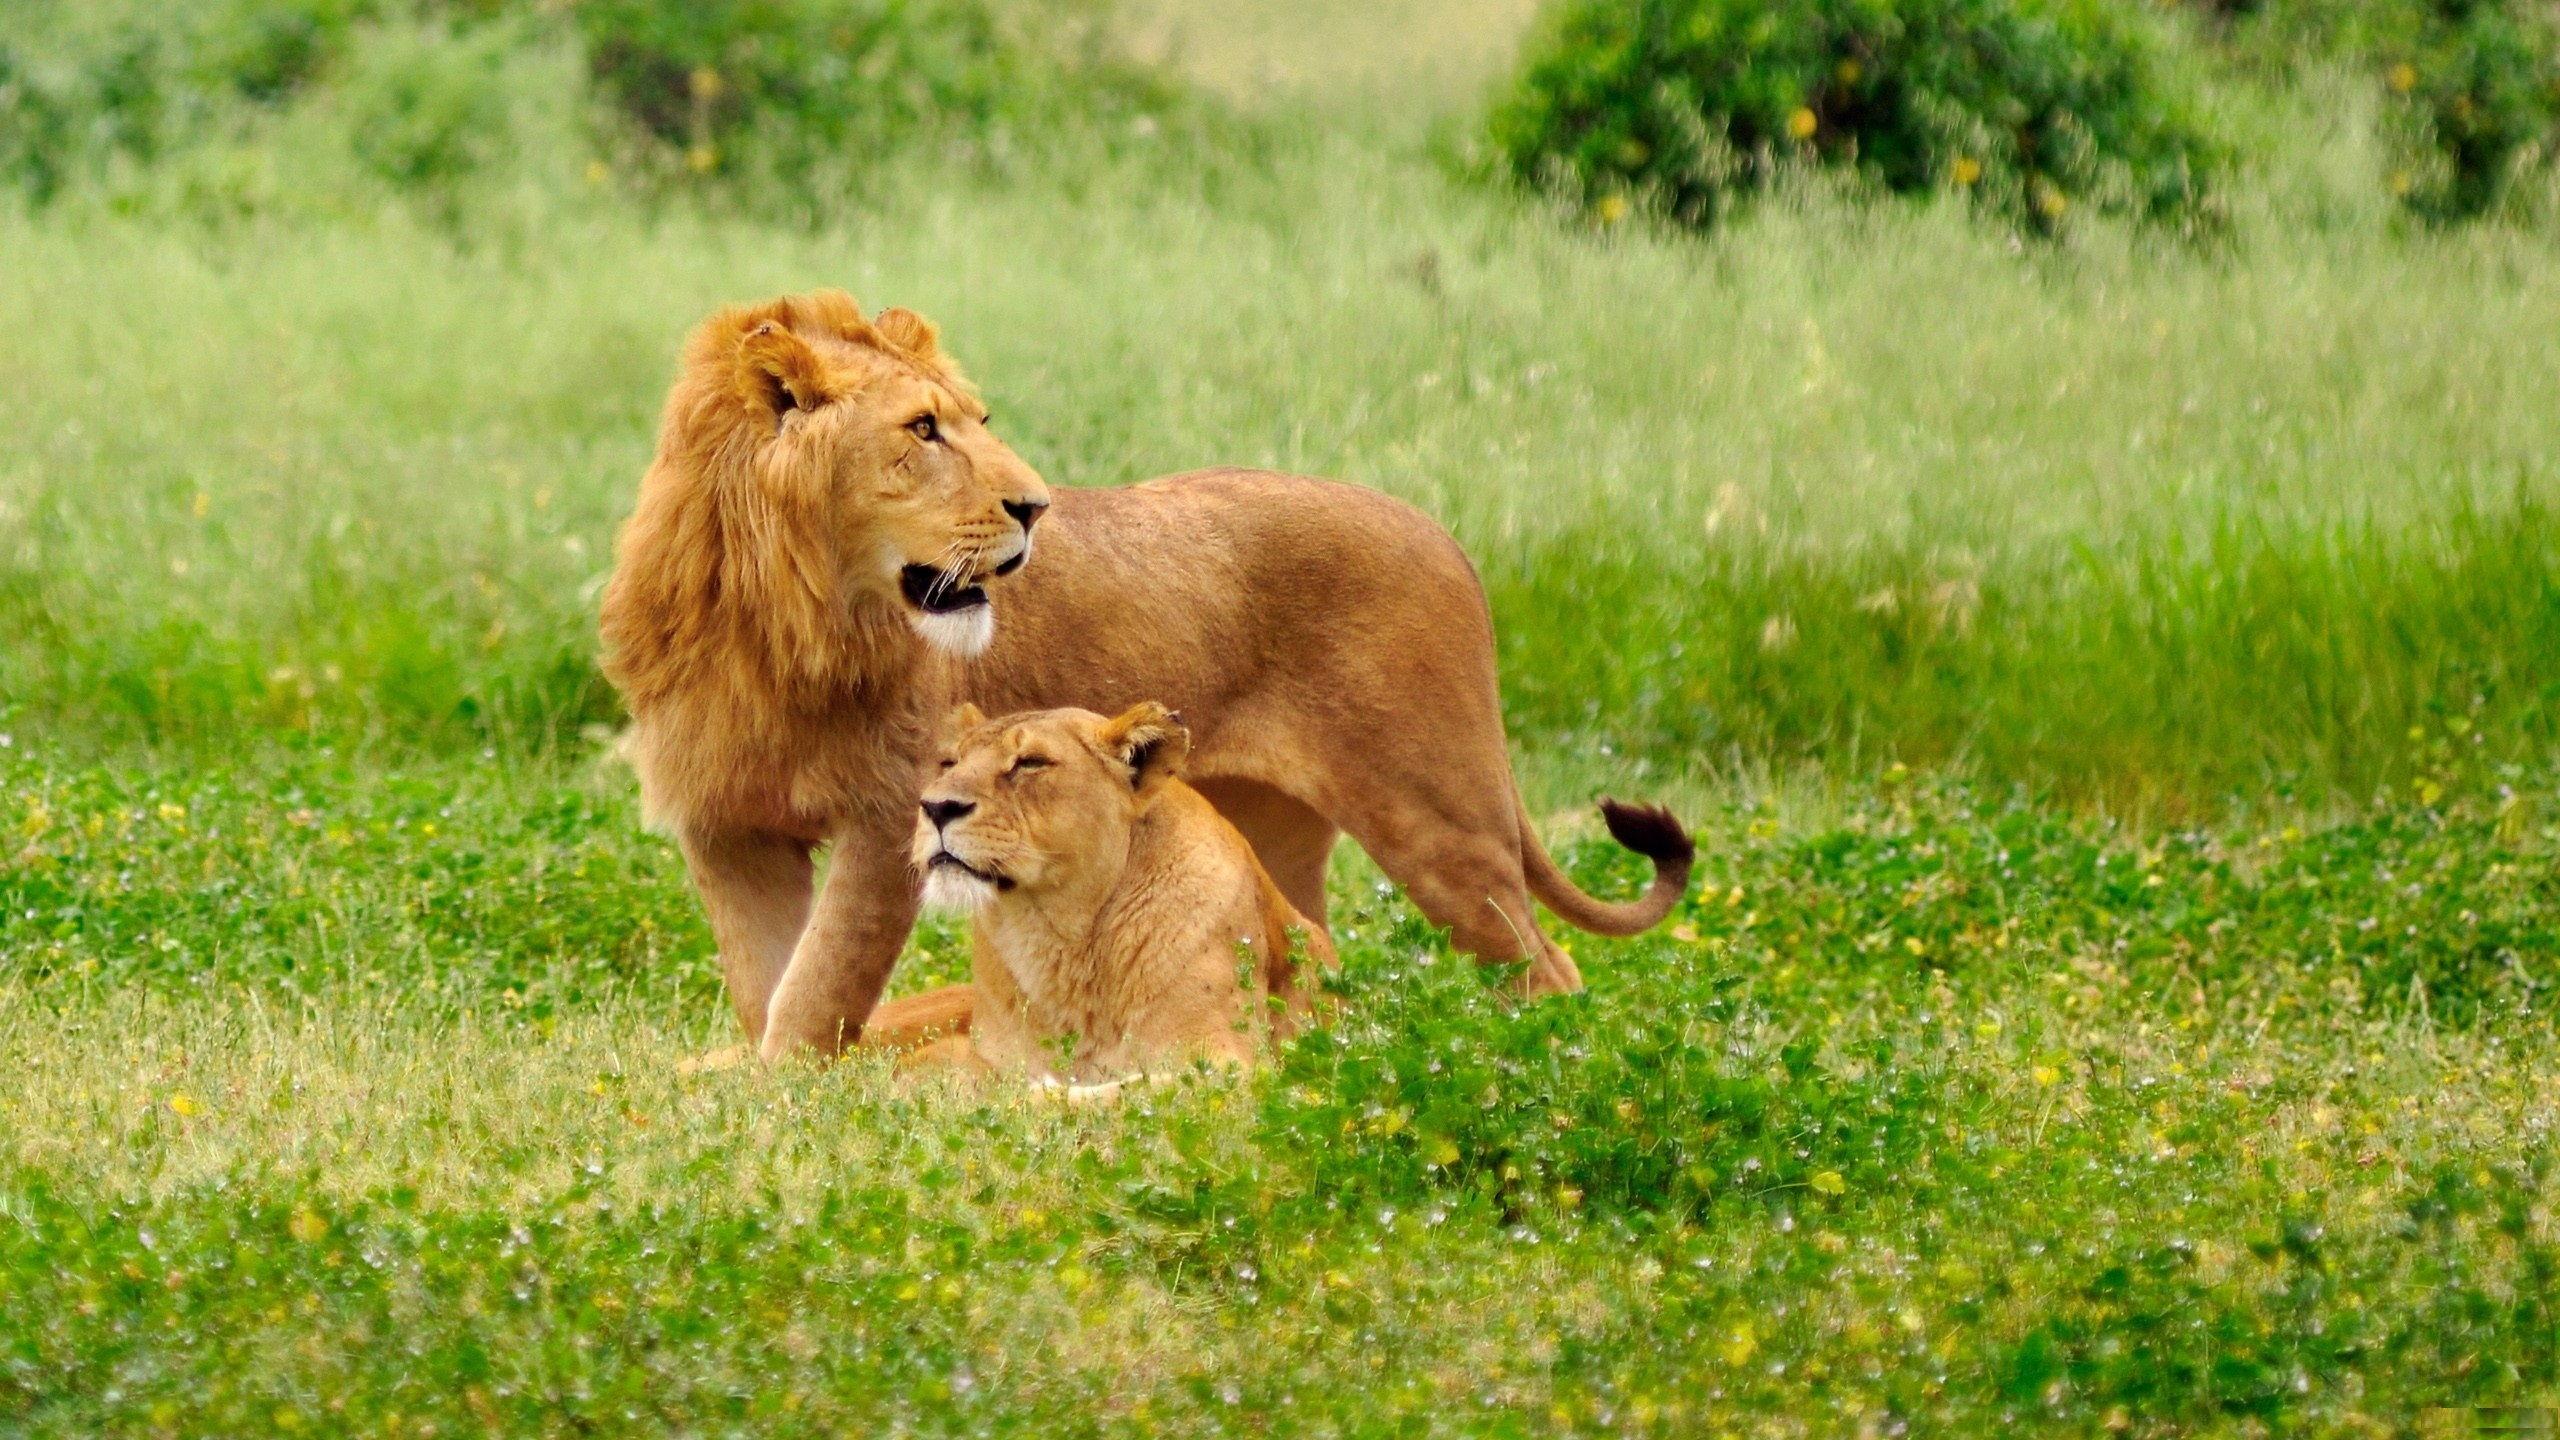 lion hd wallpaper 274